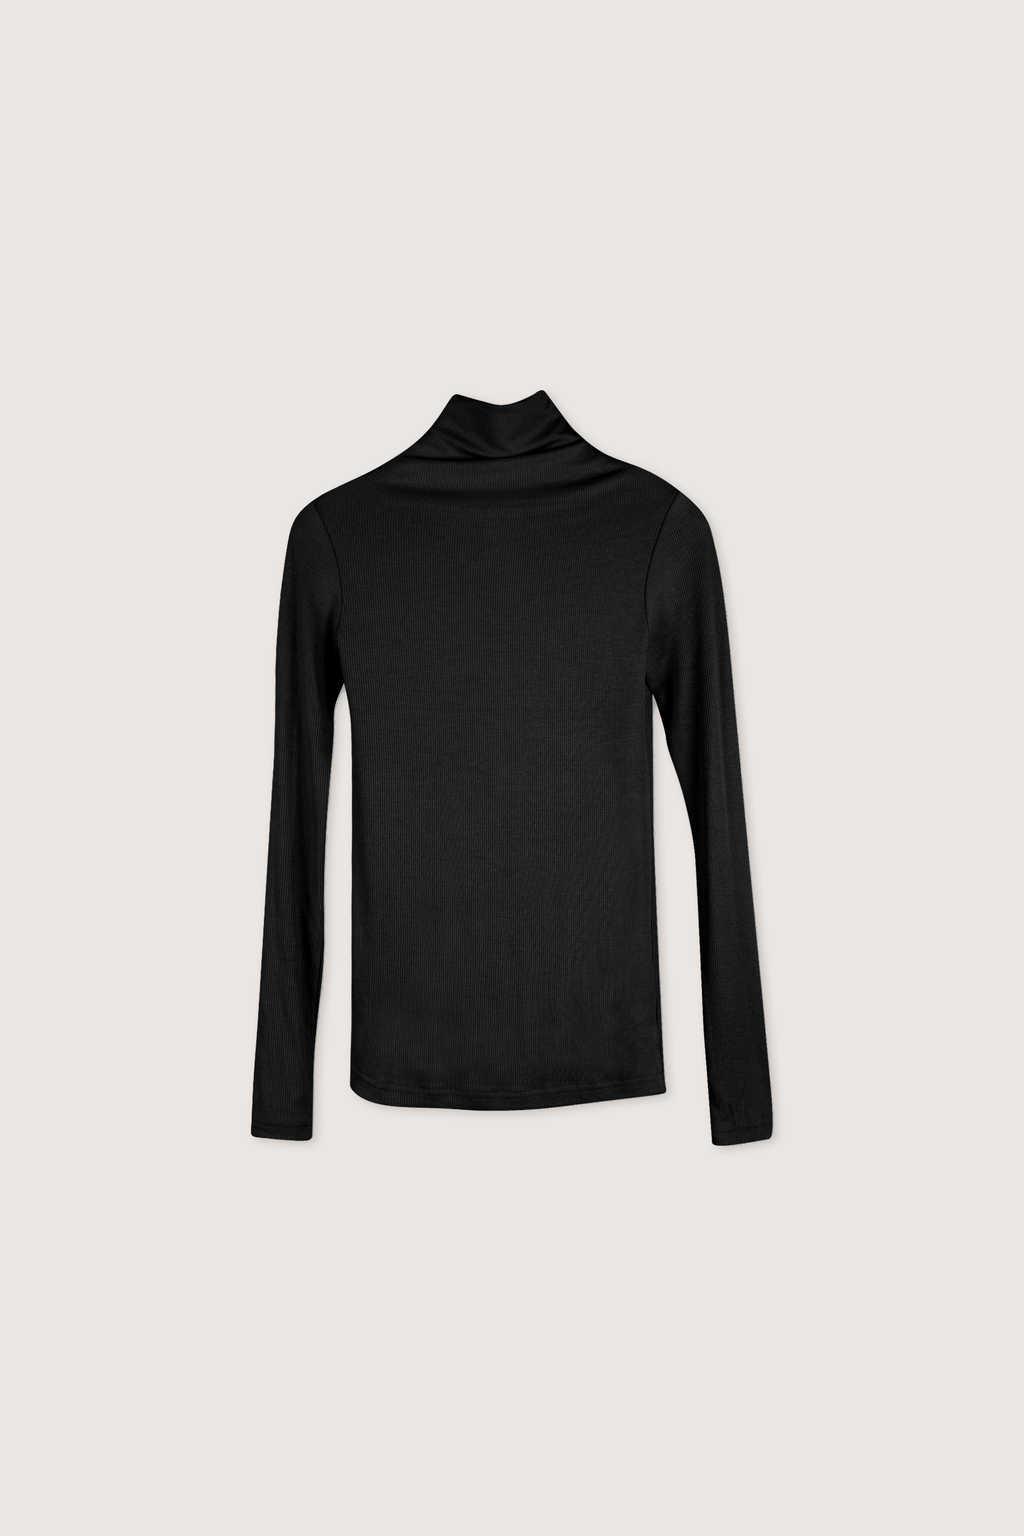 TShirt H539 Black 11